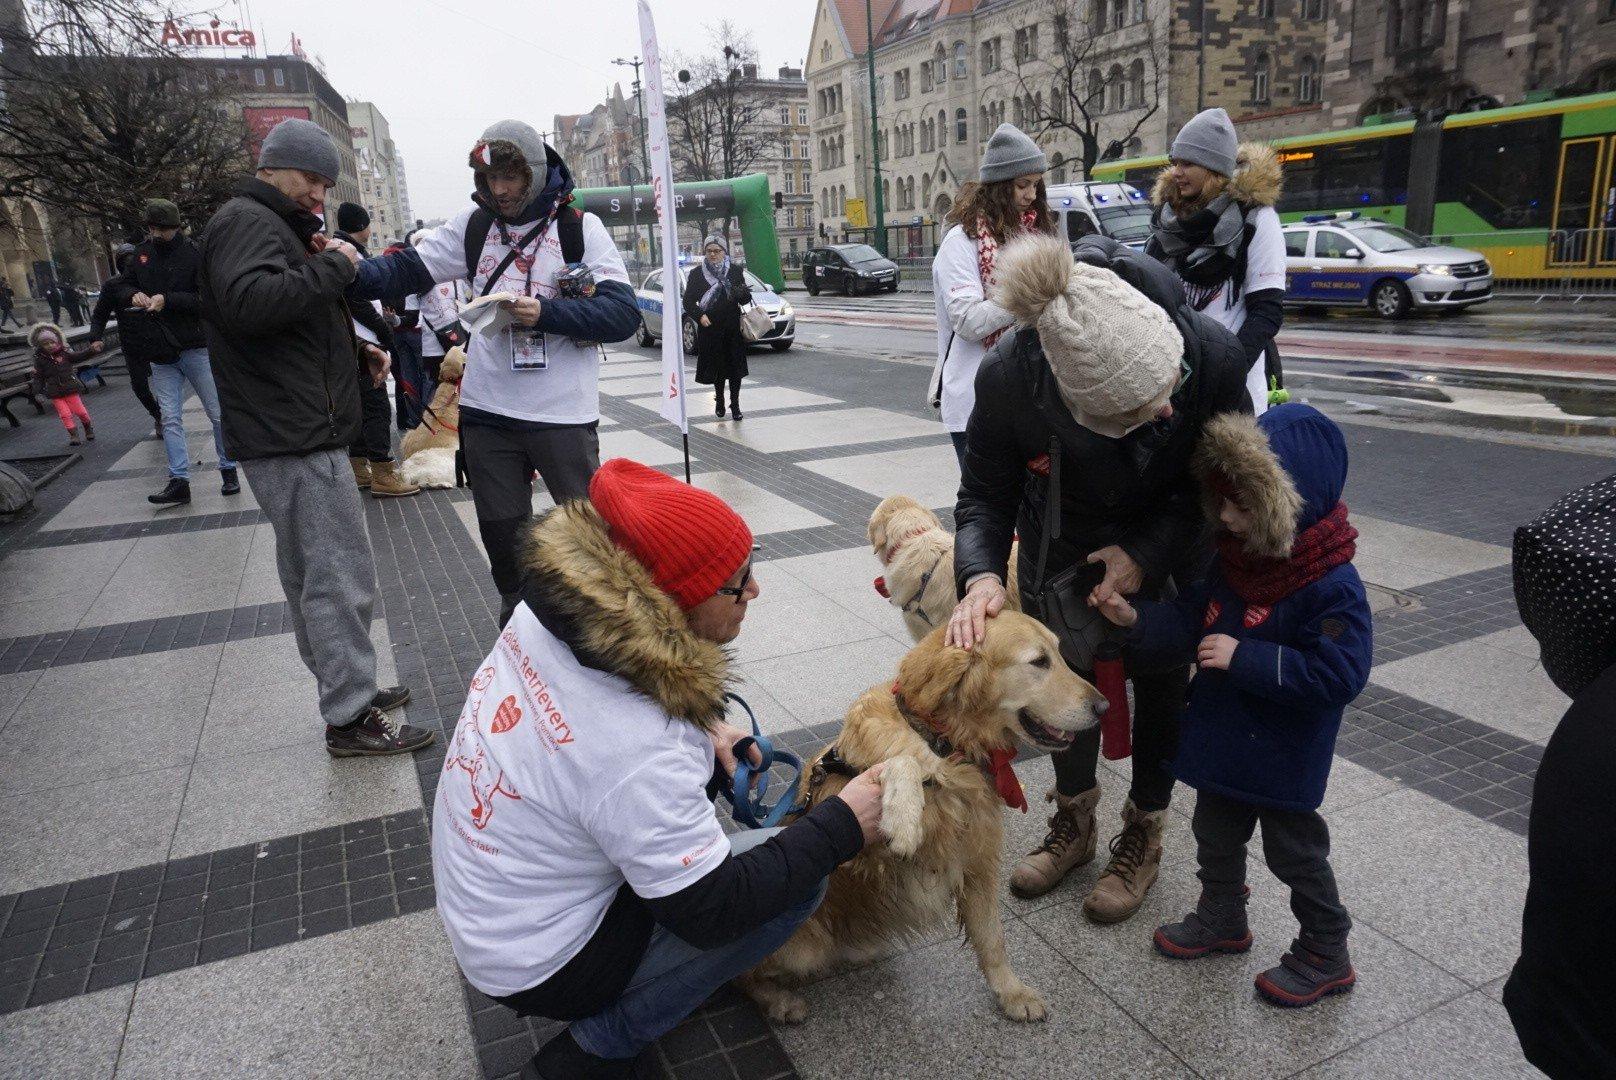 Bardzo dobra Finał WOŚP w Poznaniu 2019: Psy też zbierają! Golden retrievery CH01